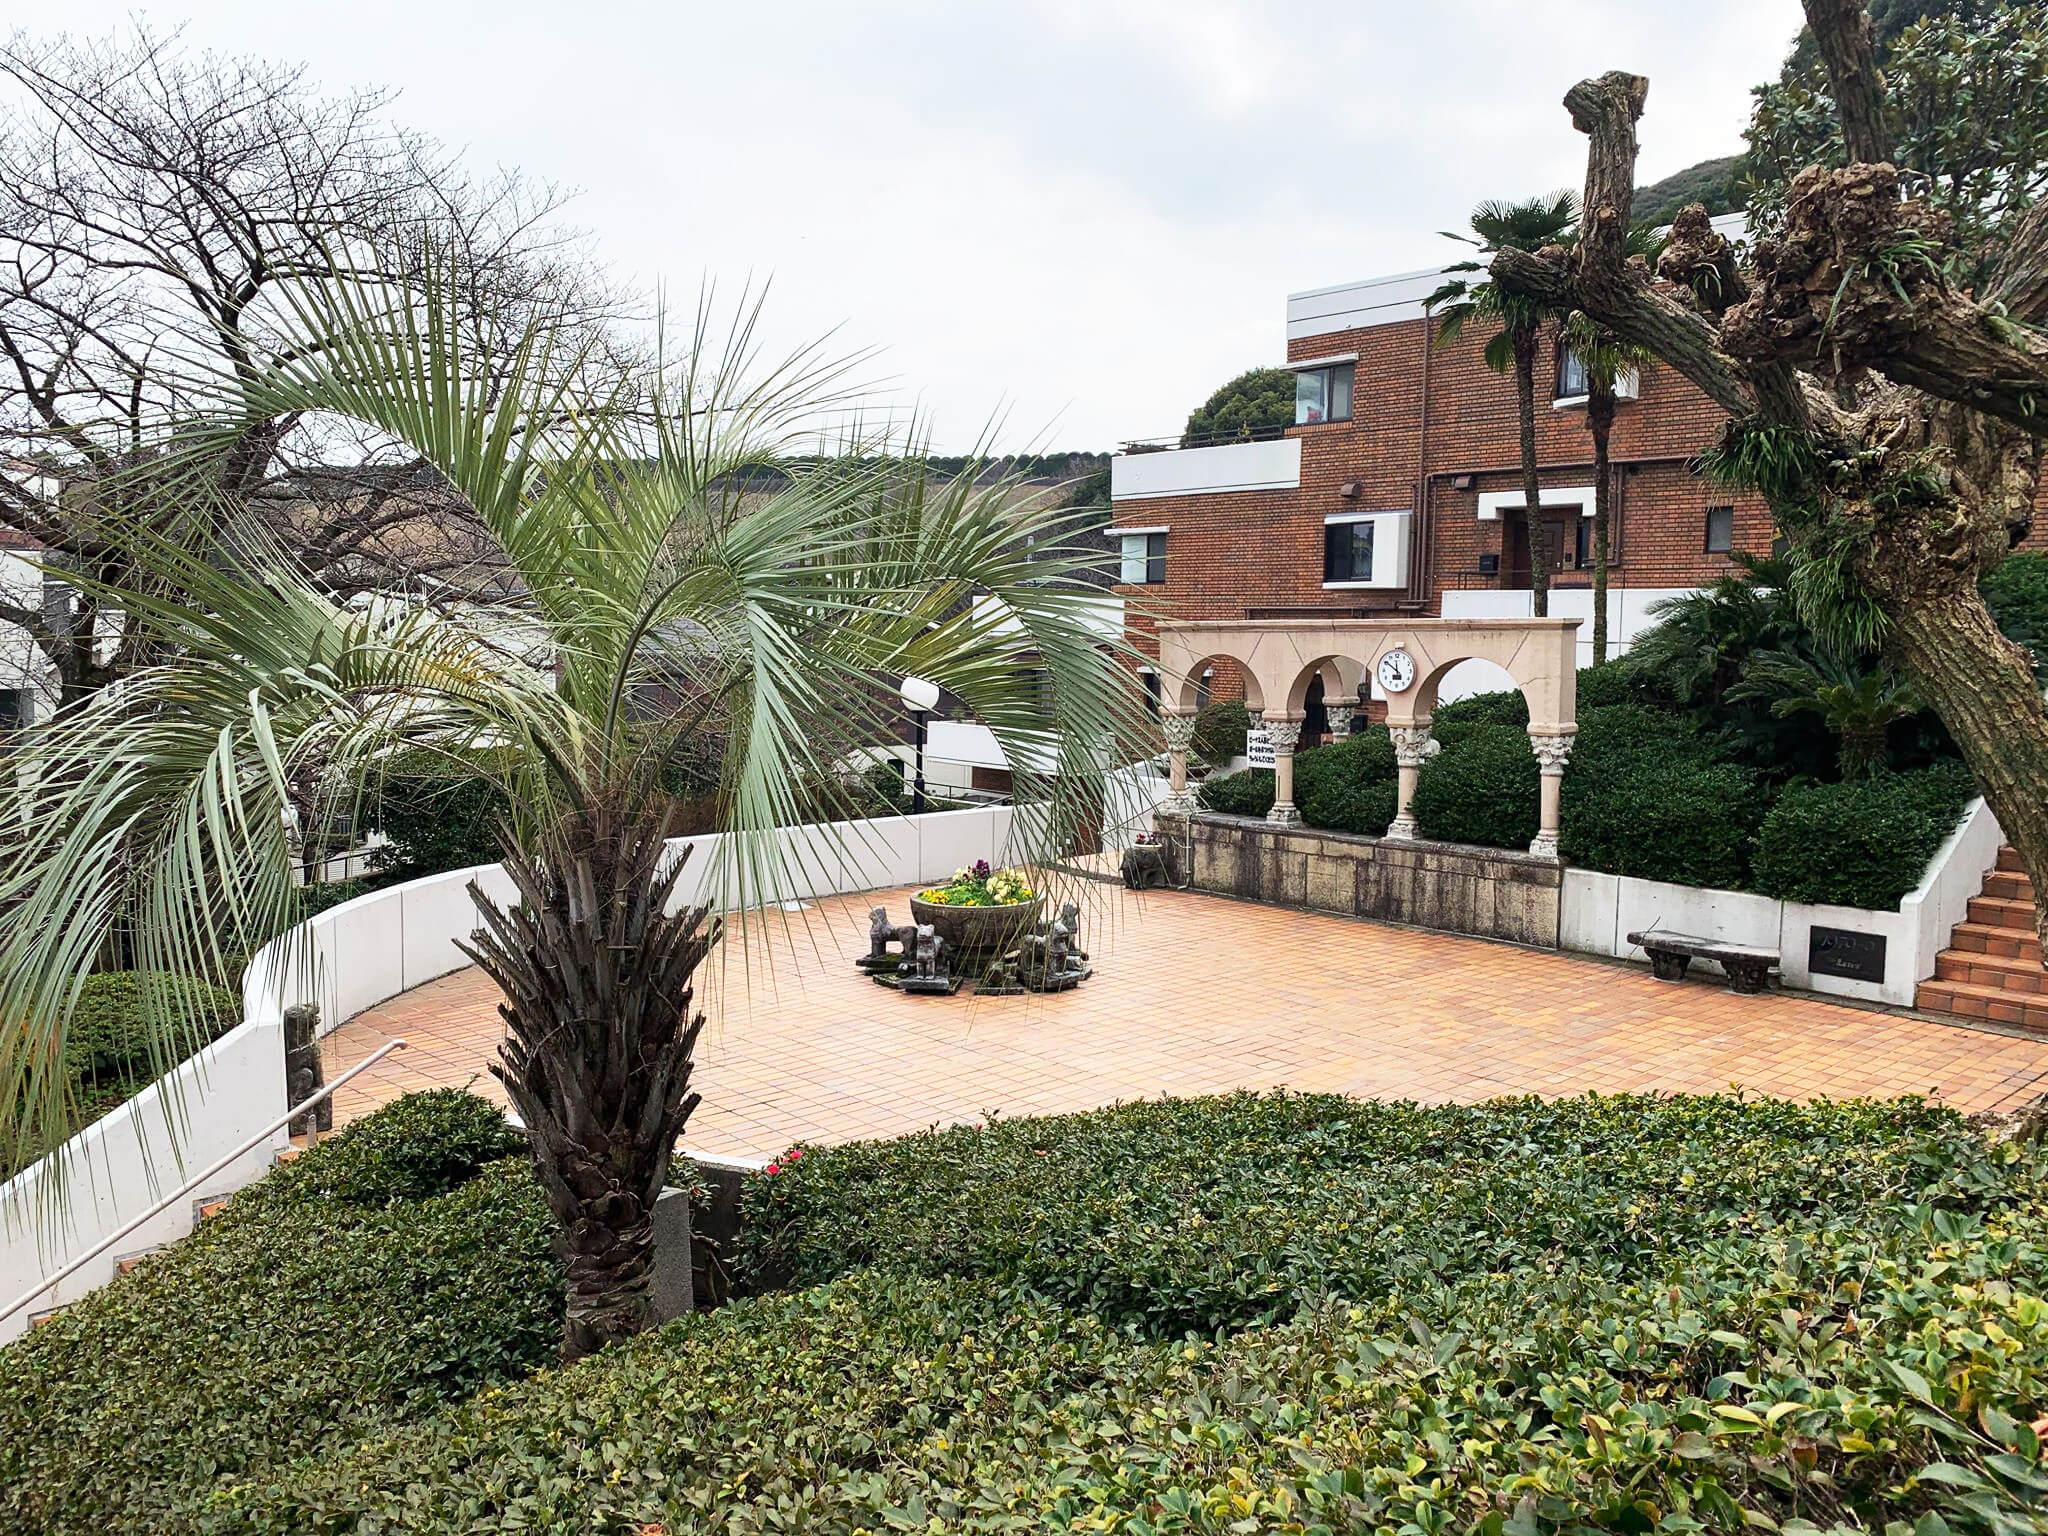 敷地は緑に囲まれた美しい庭園あり